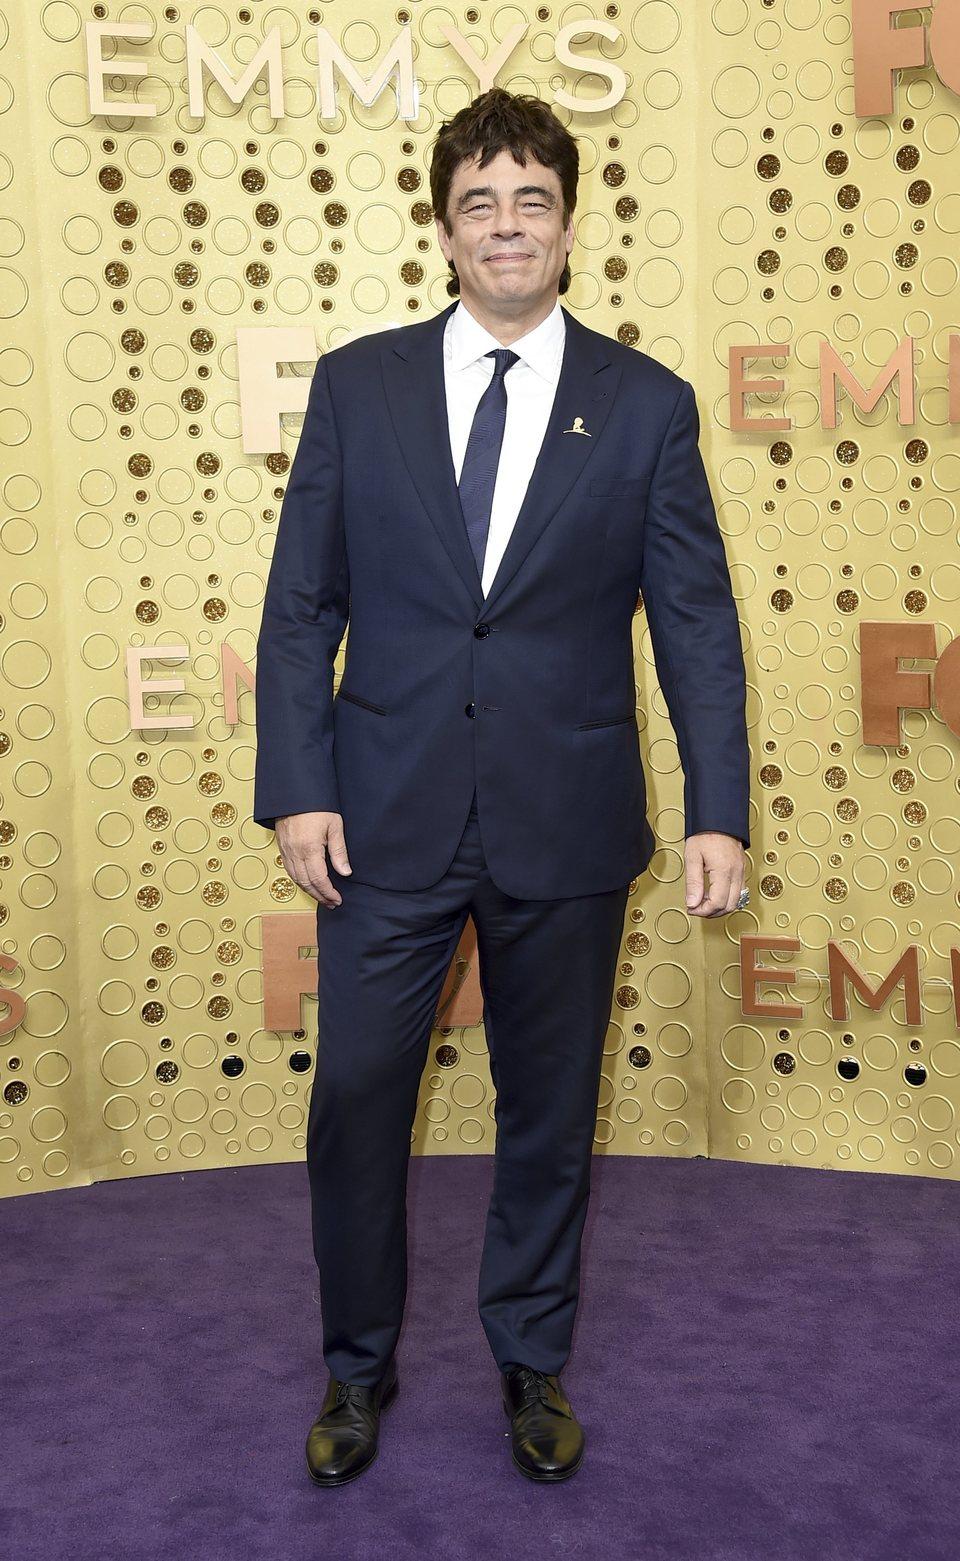 Benicio del Toro at the Emmy 2019 red carpet